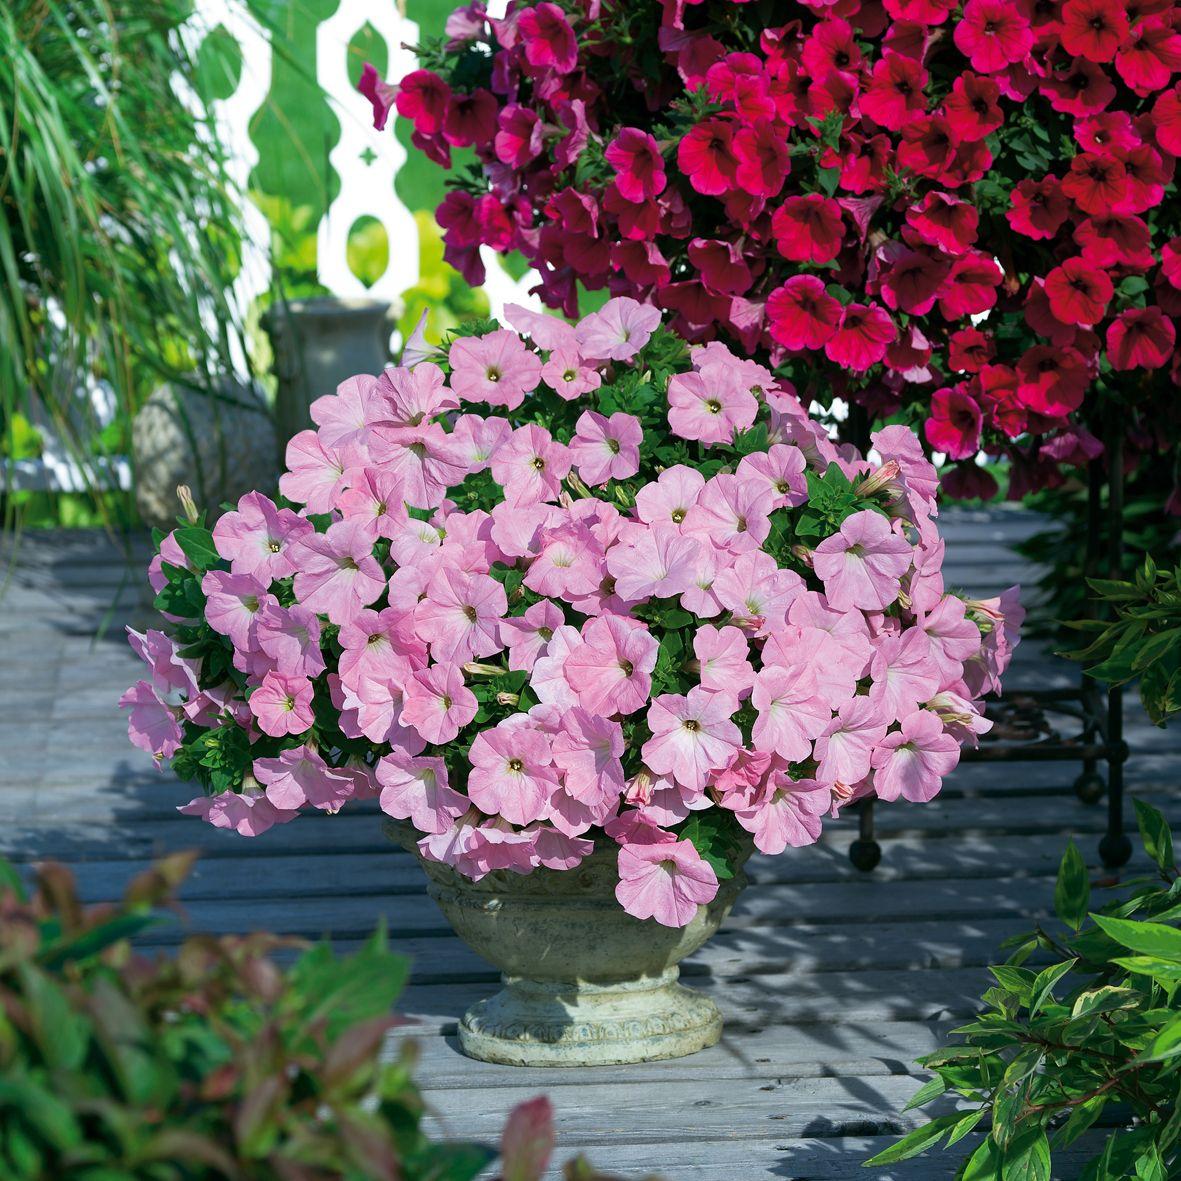 Balkonpflanzen Bilder Grabbepflanzung Einzelgrab